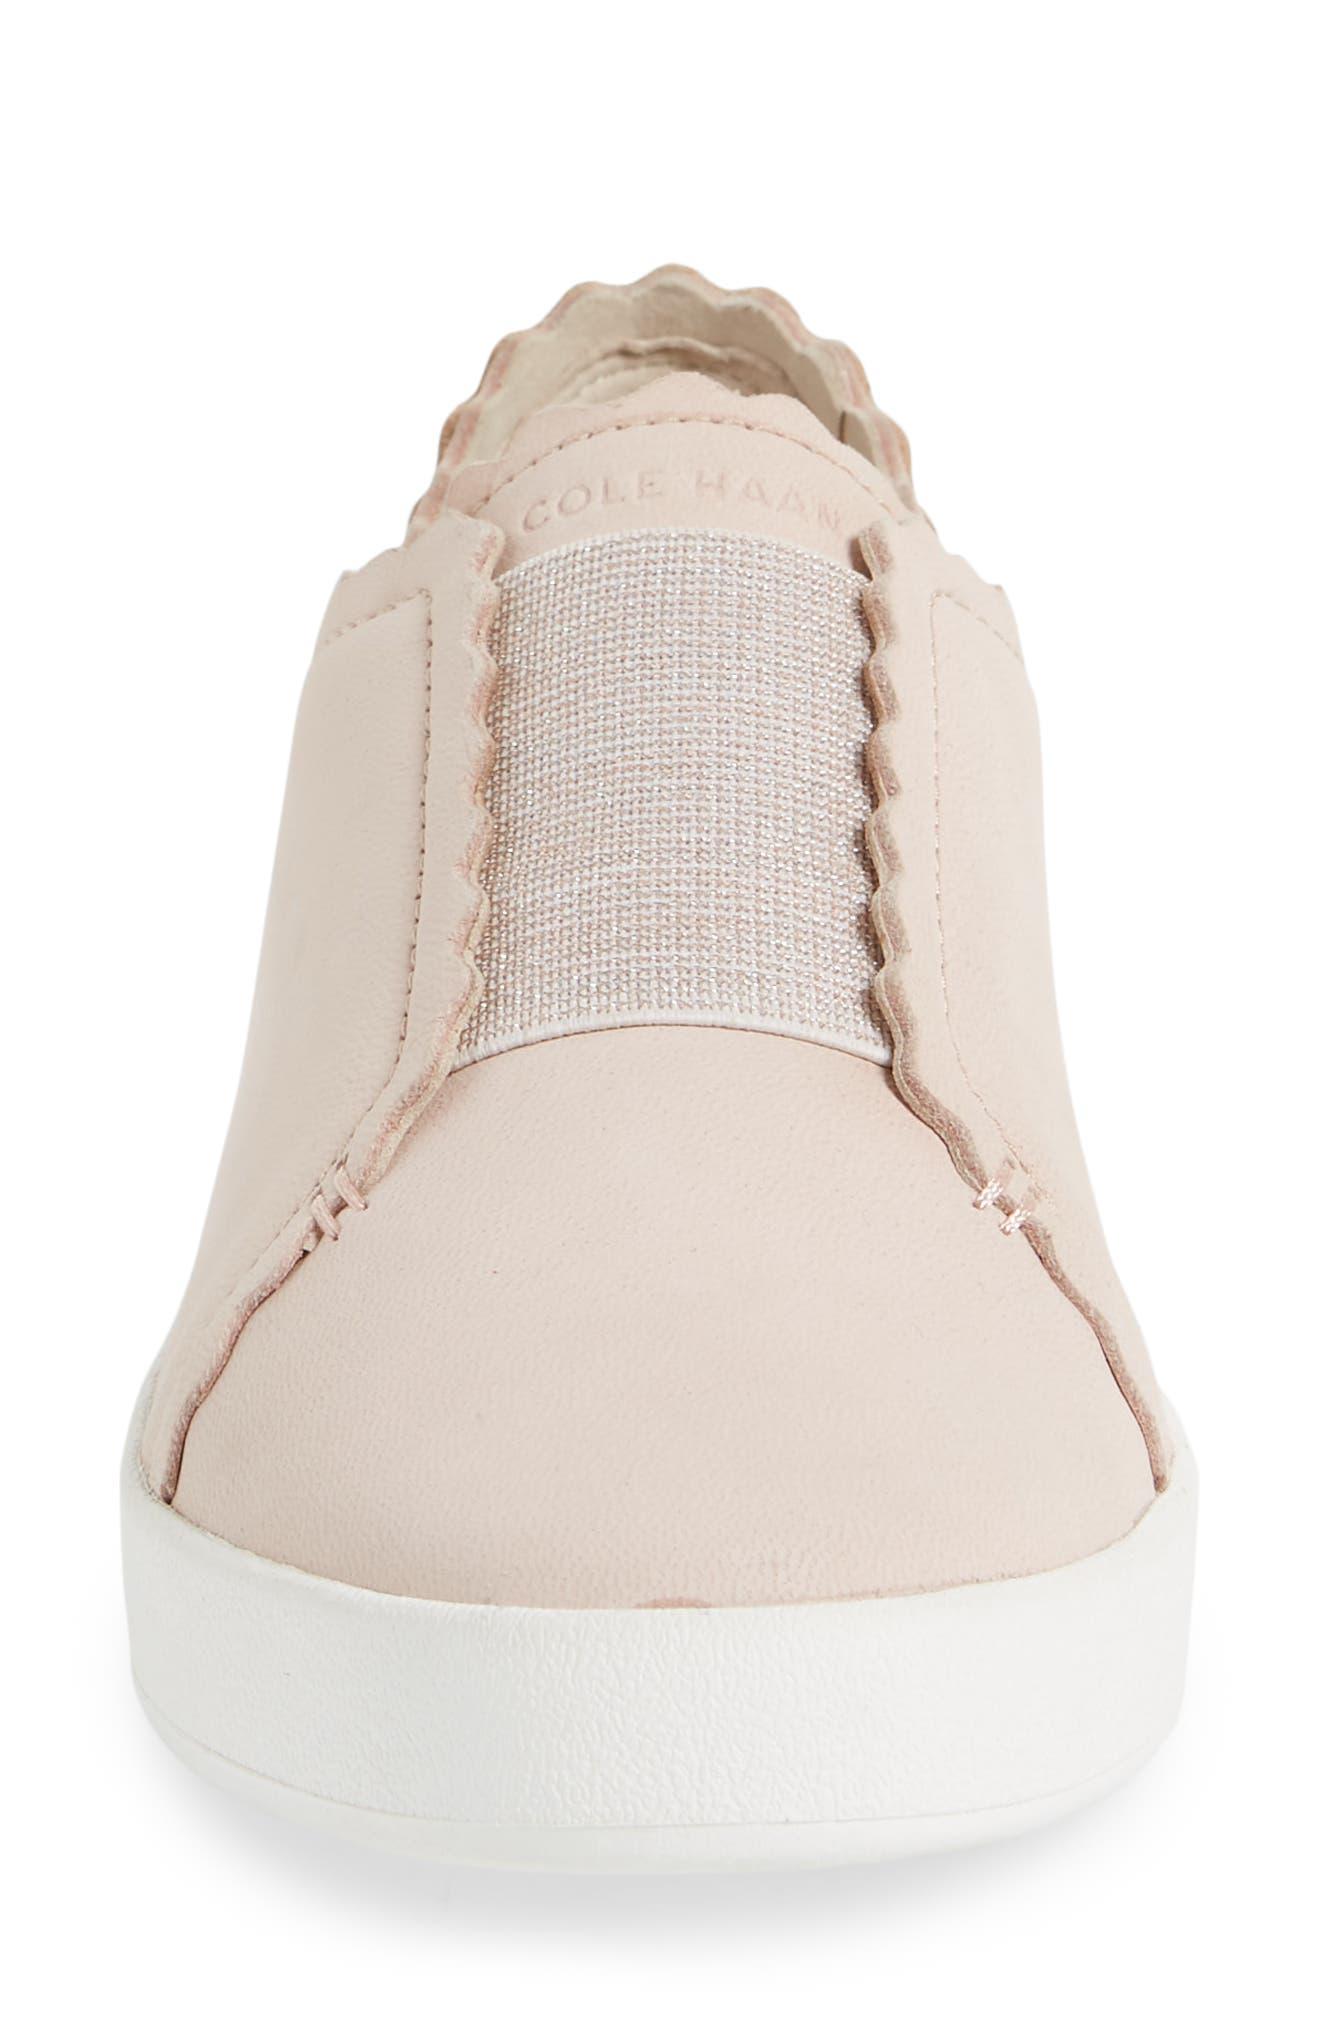 GrandPro Spectator Scalloped Slip-On Sneaker,                             Alternate thumbnail 4, color,                             PEACH BLUSH NUBUCK